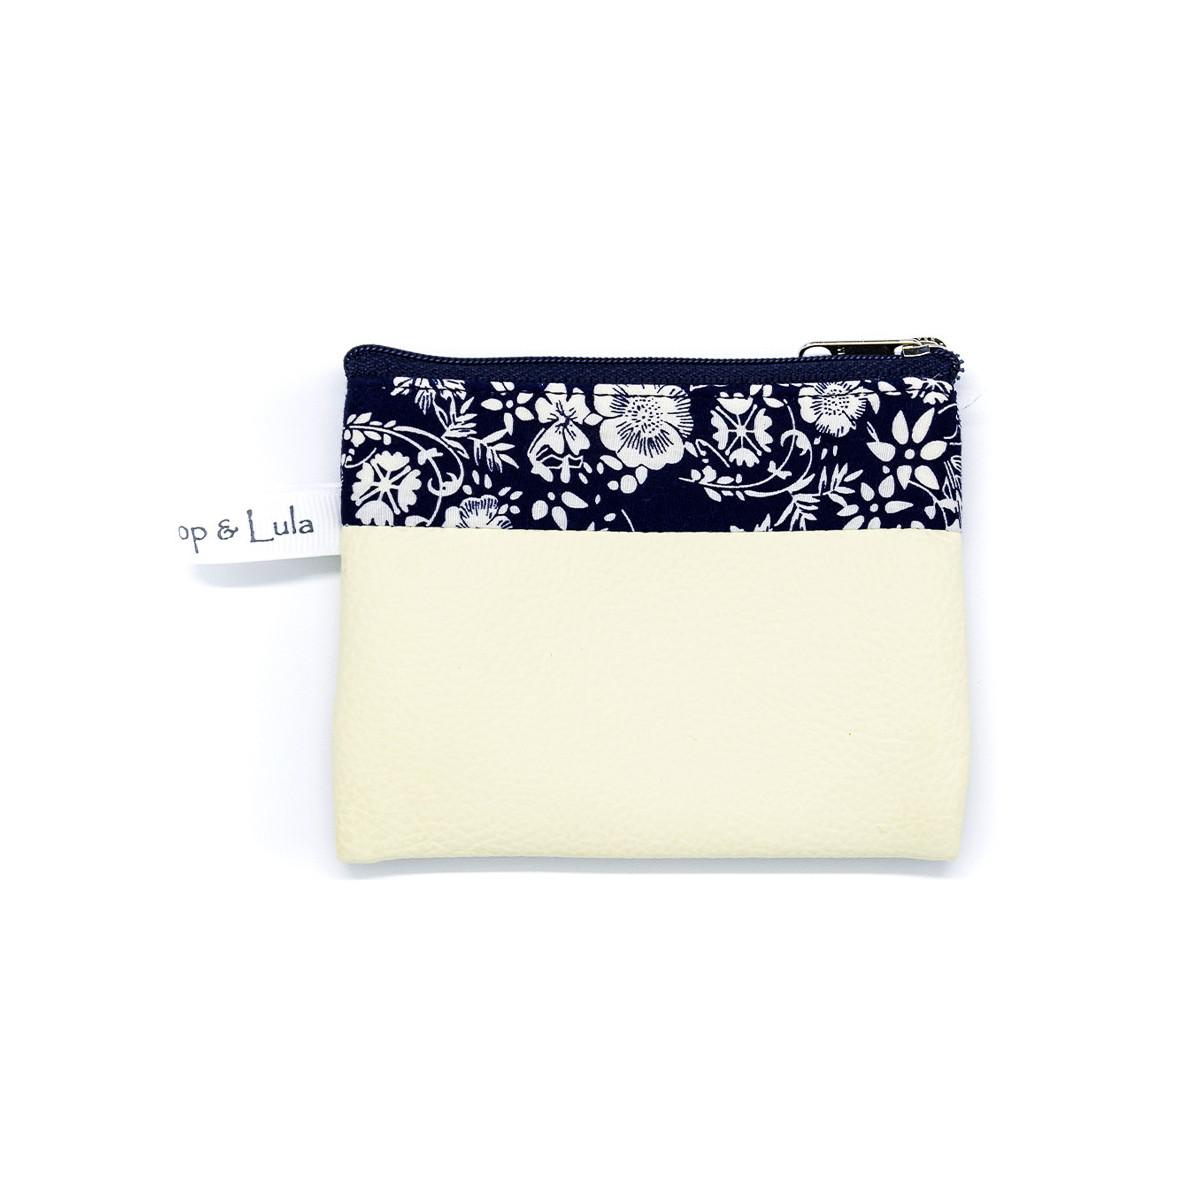 Petit porte-monnaie zippé blanc et bleu avec fleurs